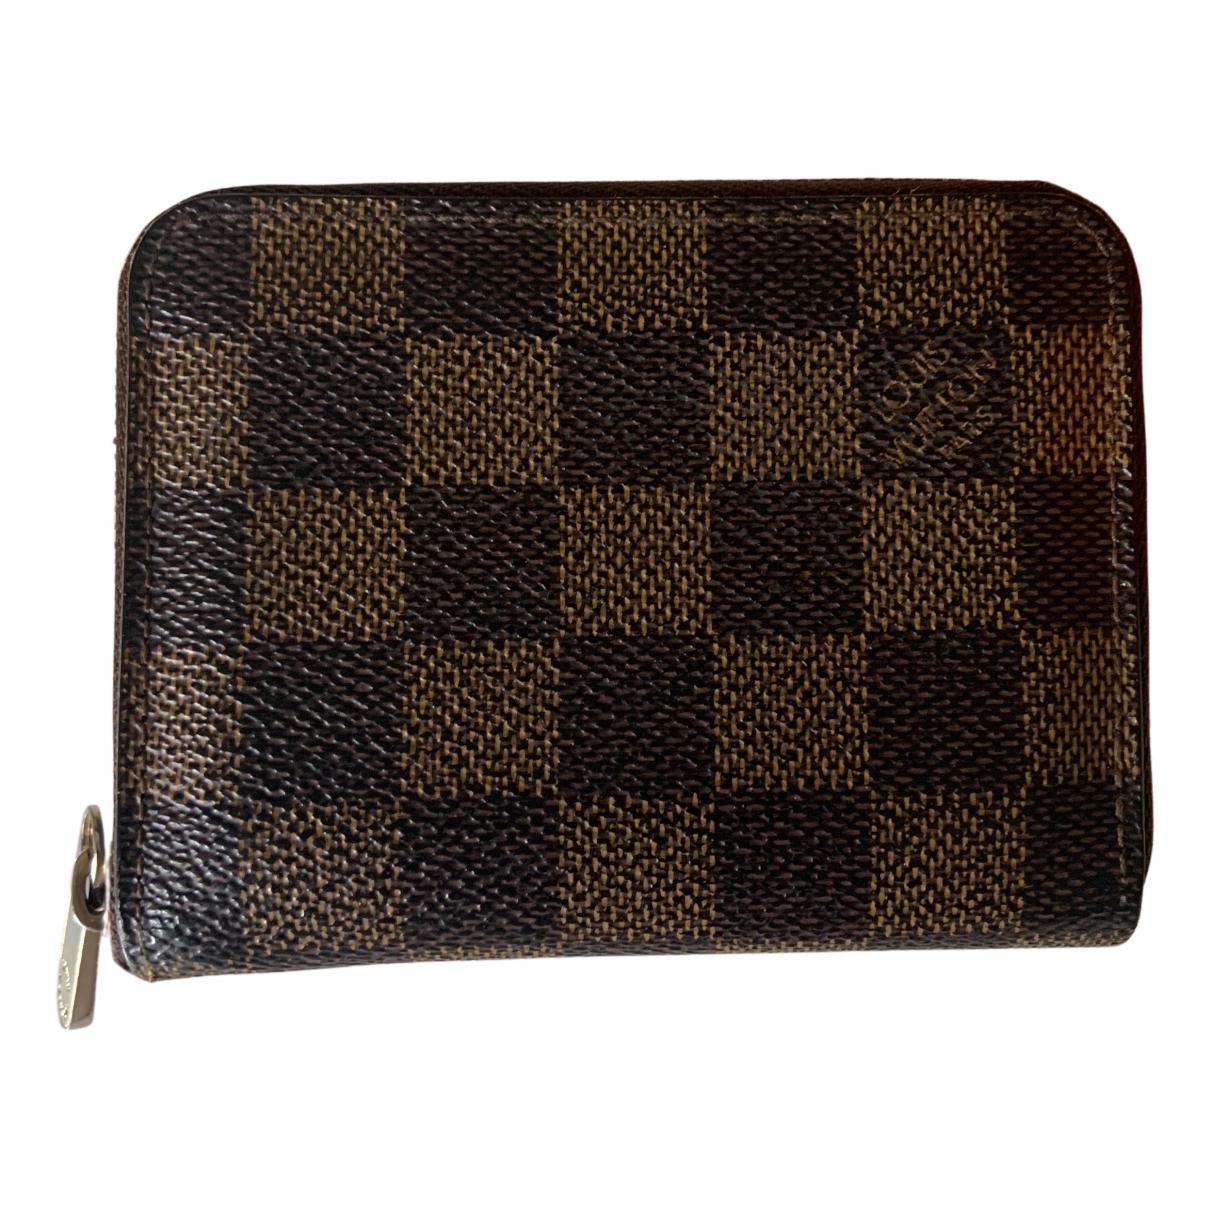 Louis Vuitton - Petite maroquinerie Zippy pour femme en toile